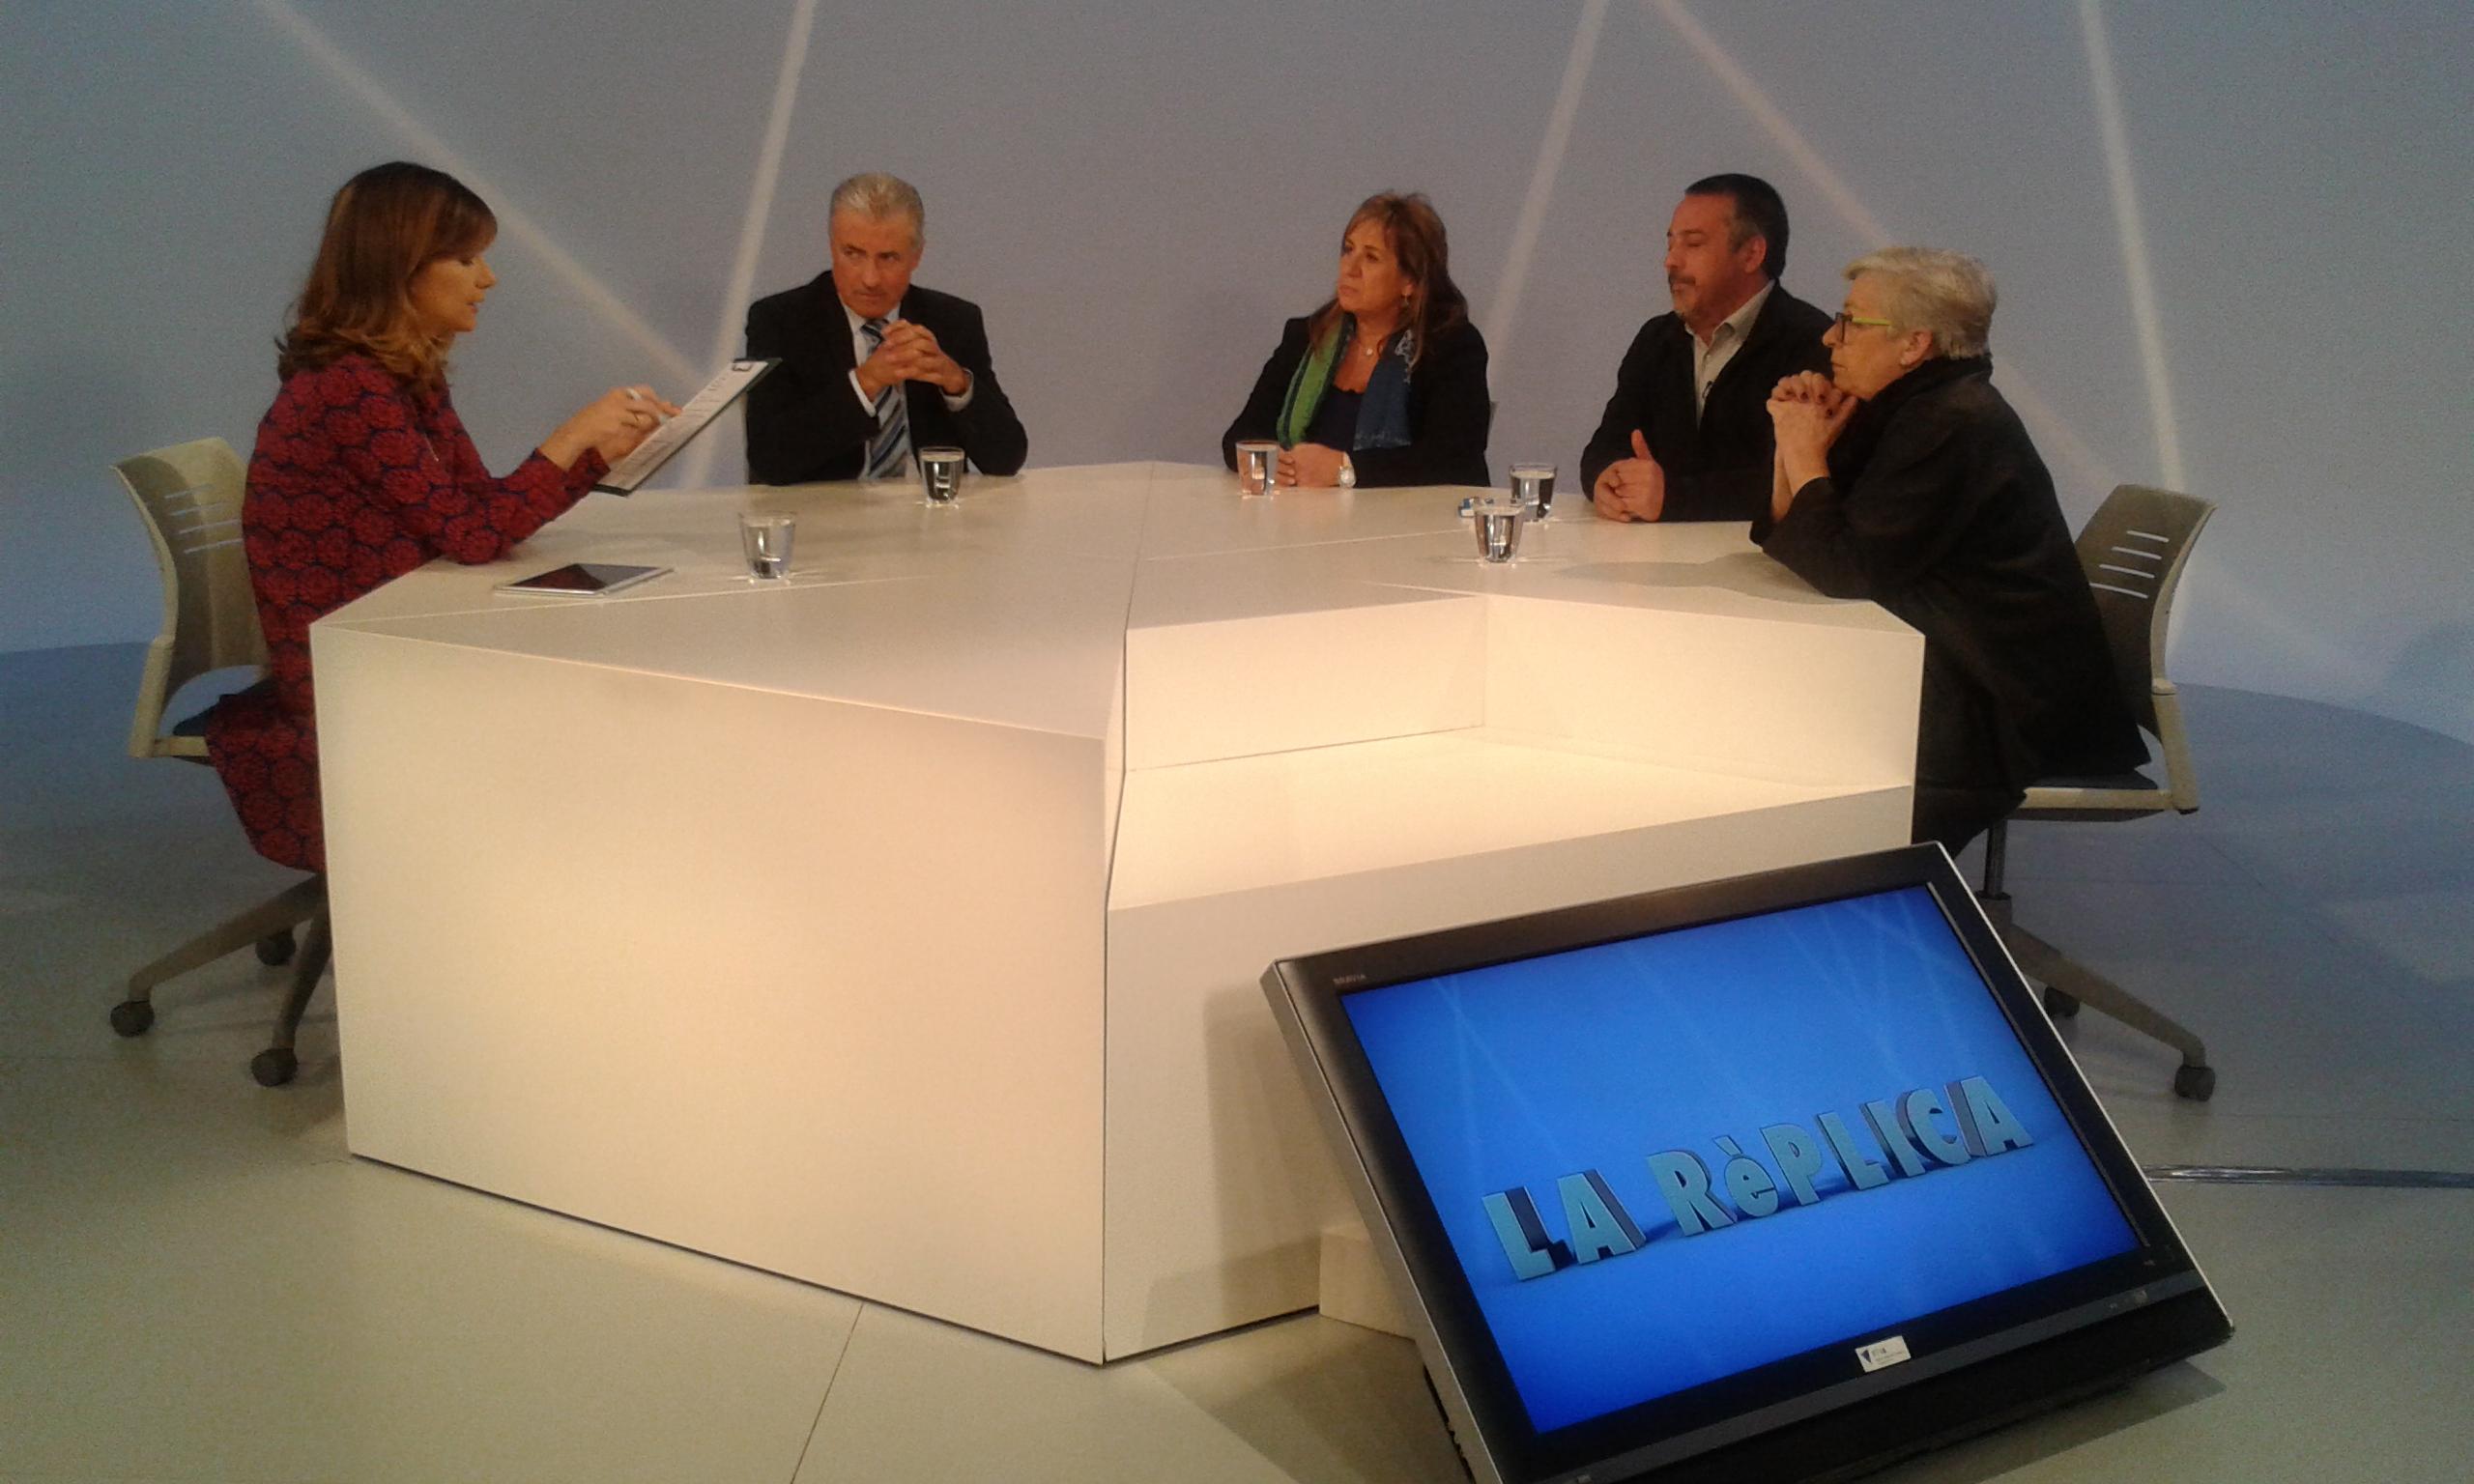 Tertúlia amb Júlia Martínez Illescas, Ricard de Haro, Isabel Lozano i Josep Mª Cabanes